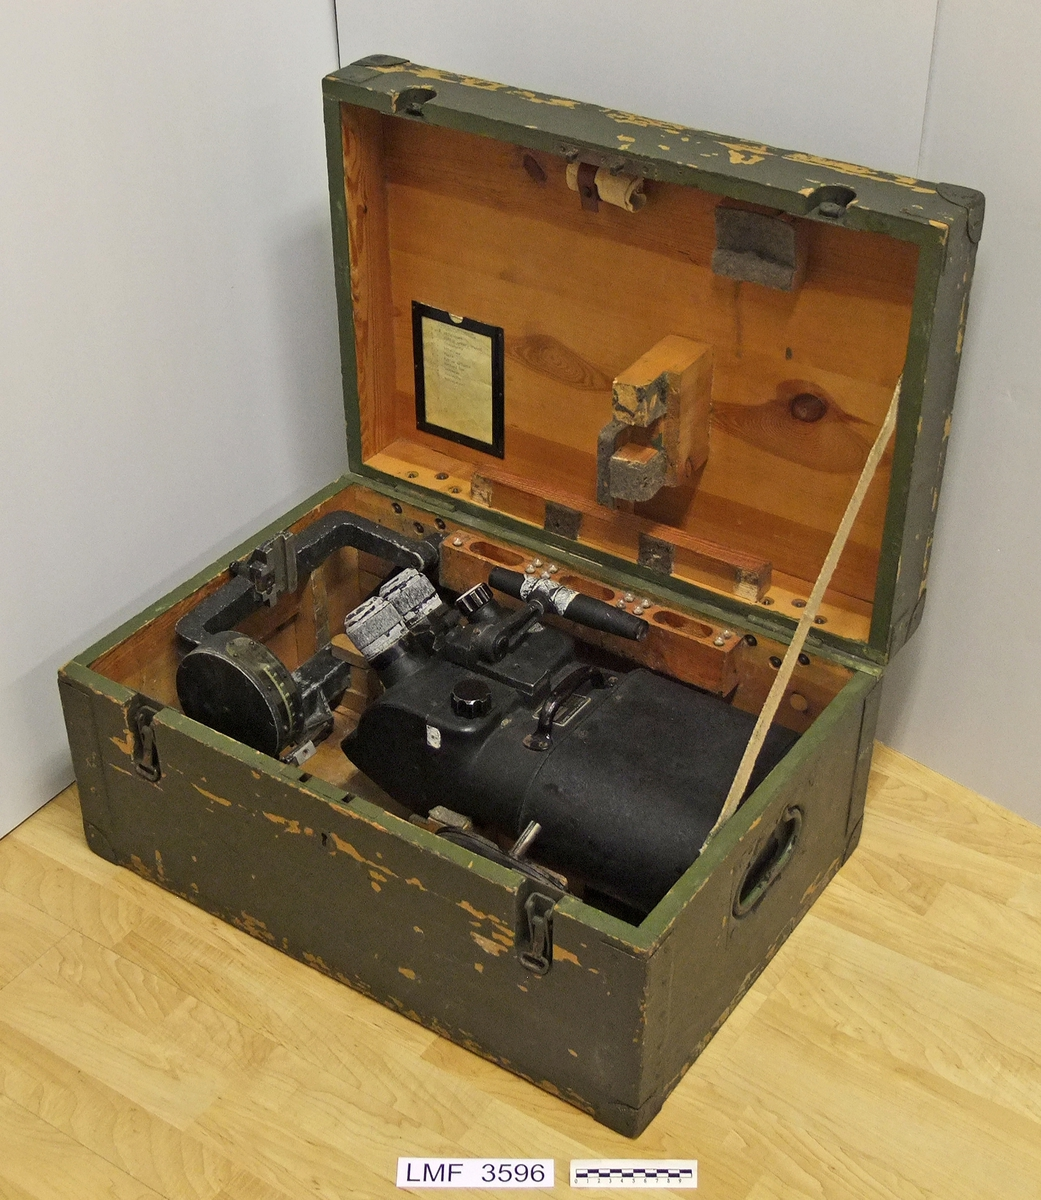 Målkikkert med tilhørende kasse for oppbevaring og transport. Brukt på Lista Flystasjon ifm. observasjon / overvåking. Produsert i Tyskland.